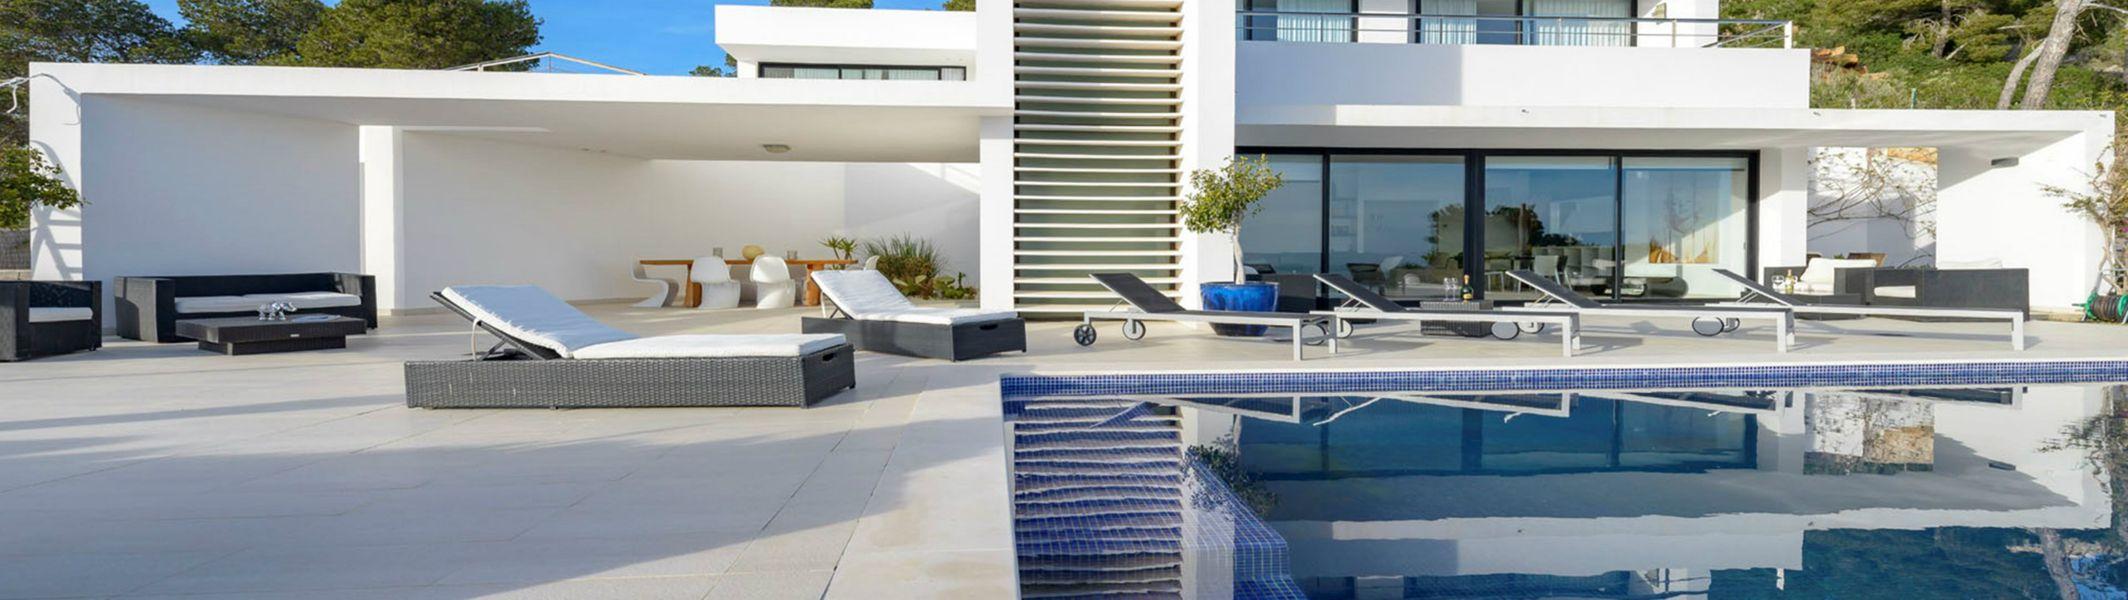 Villa de lujo al estilo minimalista